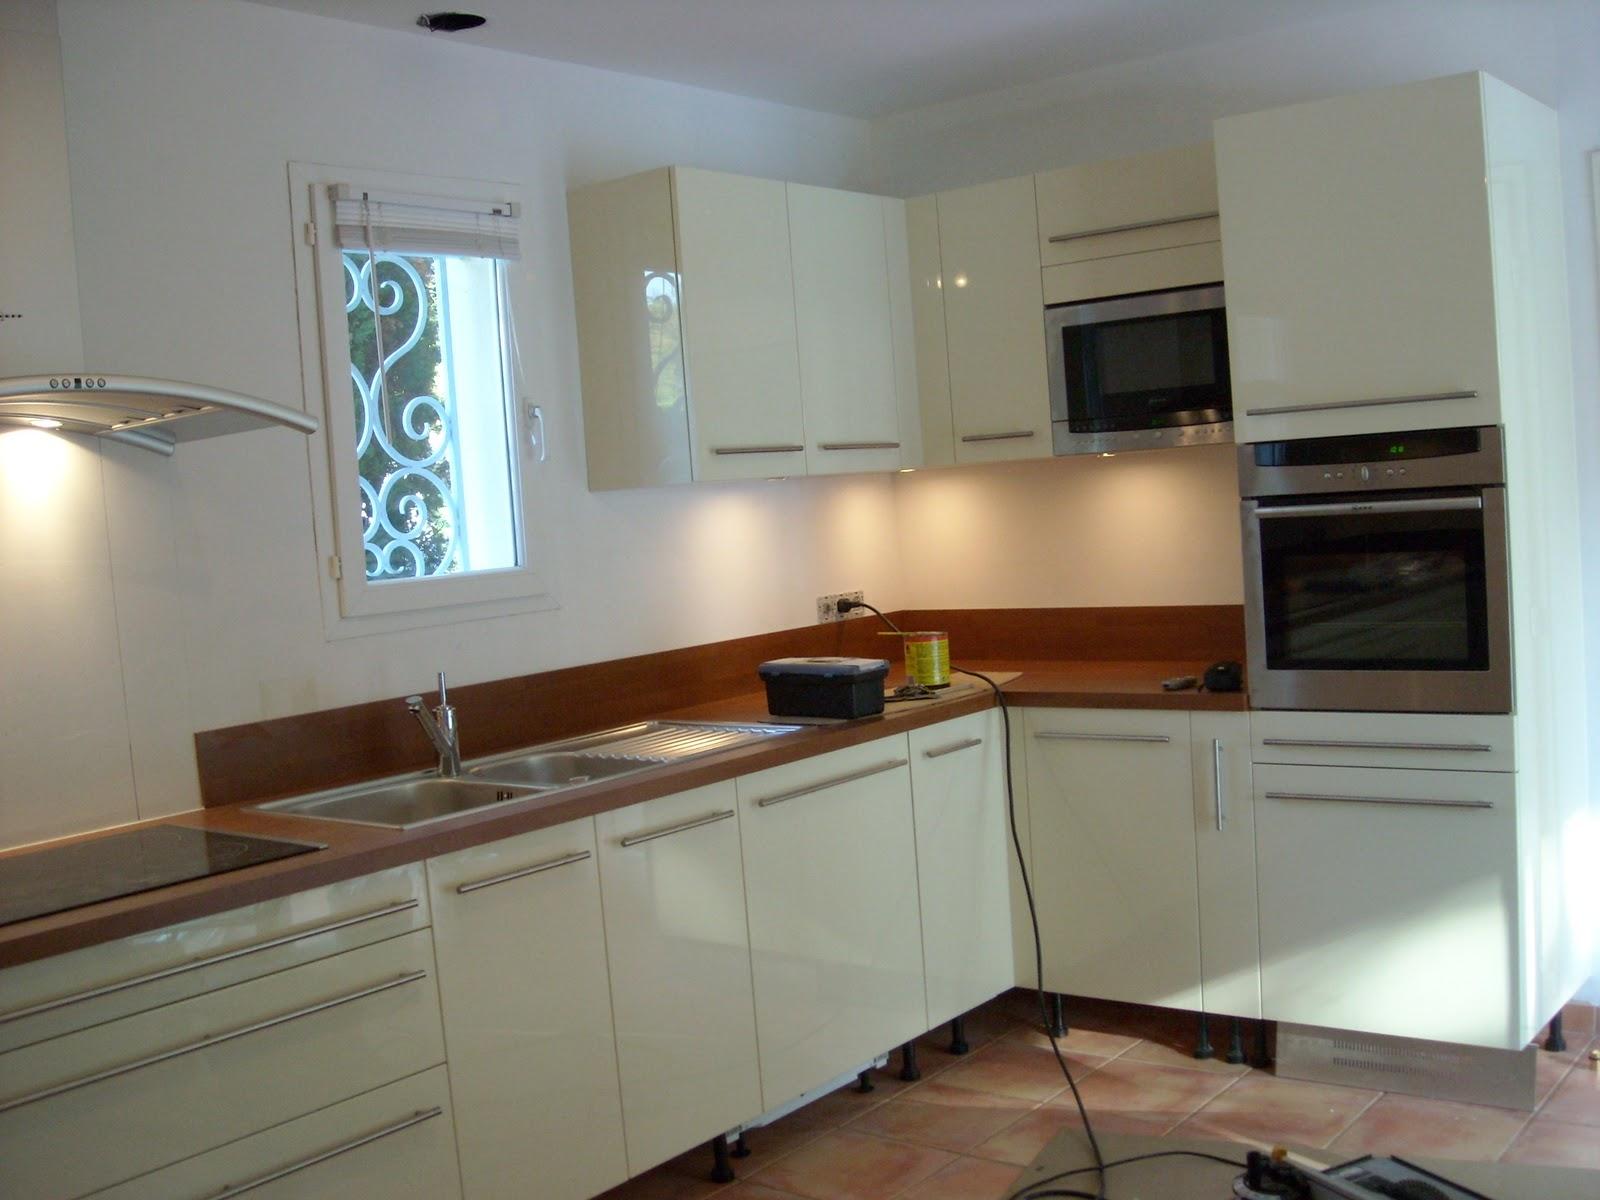 Victor cuisine bain d coration cuisine laqu e blanche et for Cuisine plus electromenager